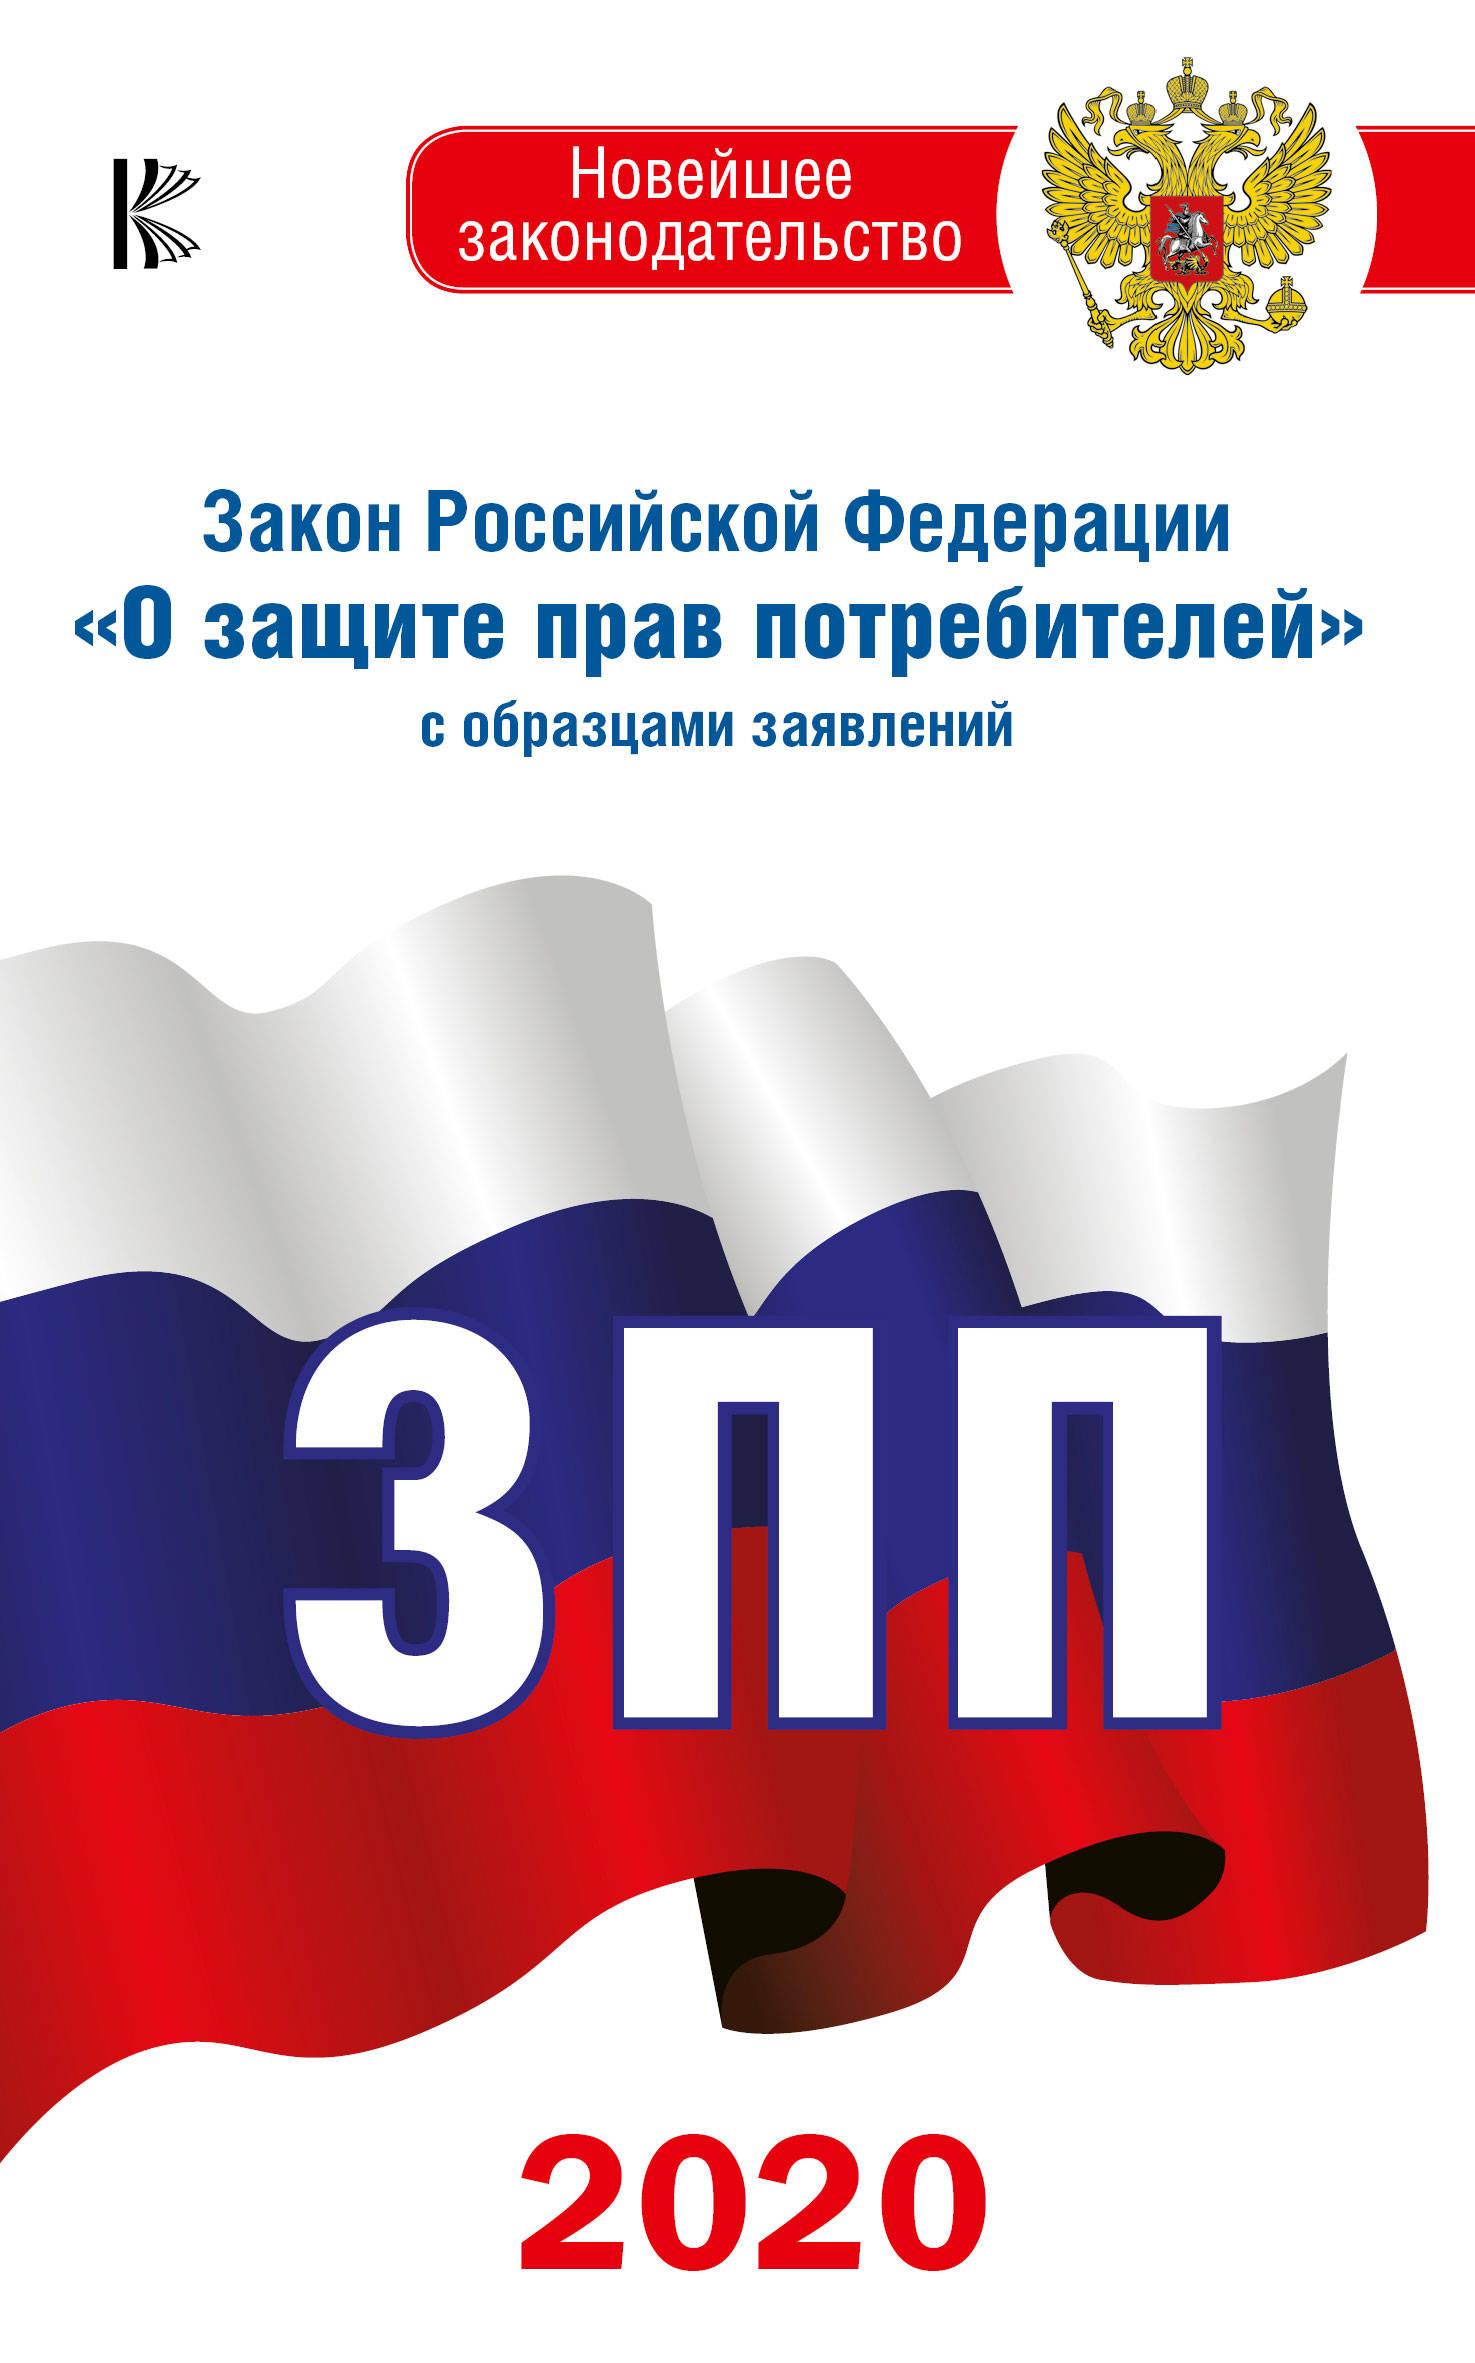 """Zakon Rossijskoj Federatsii """"O zaschite prav potrebitelej"""" s obraztsami zajavlenij po sostojaniju na 2020 god"""